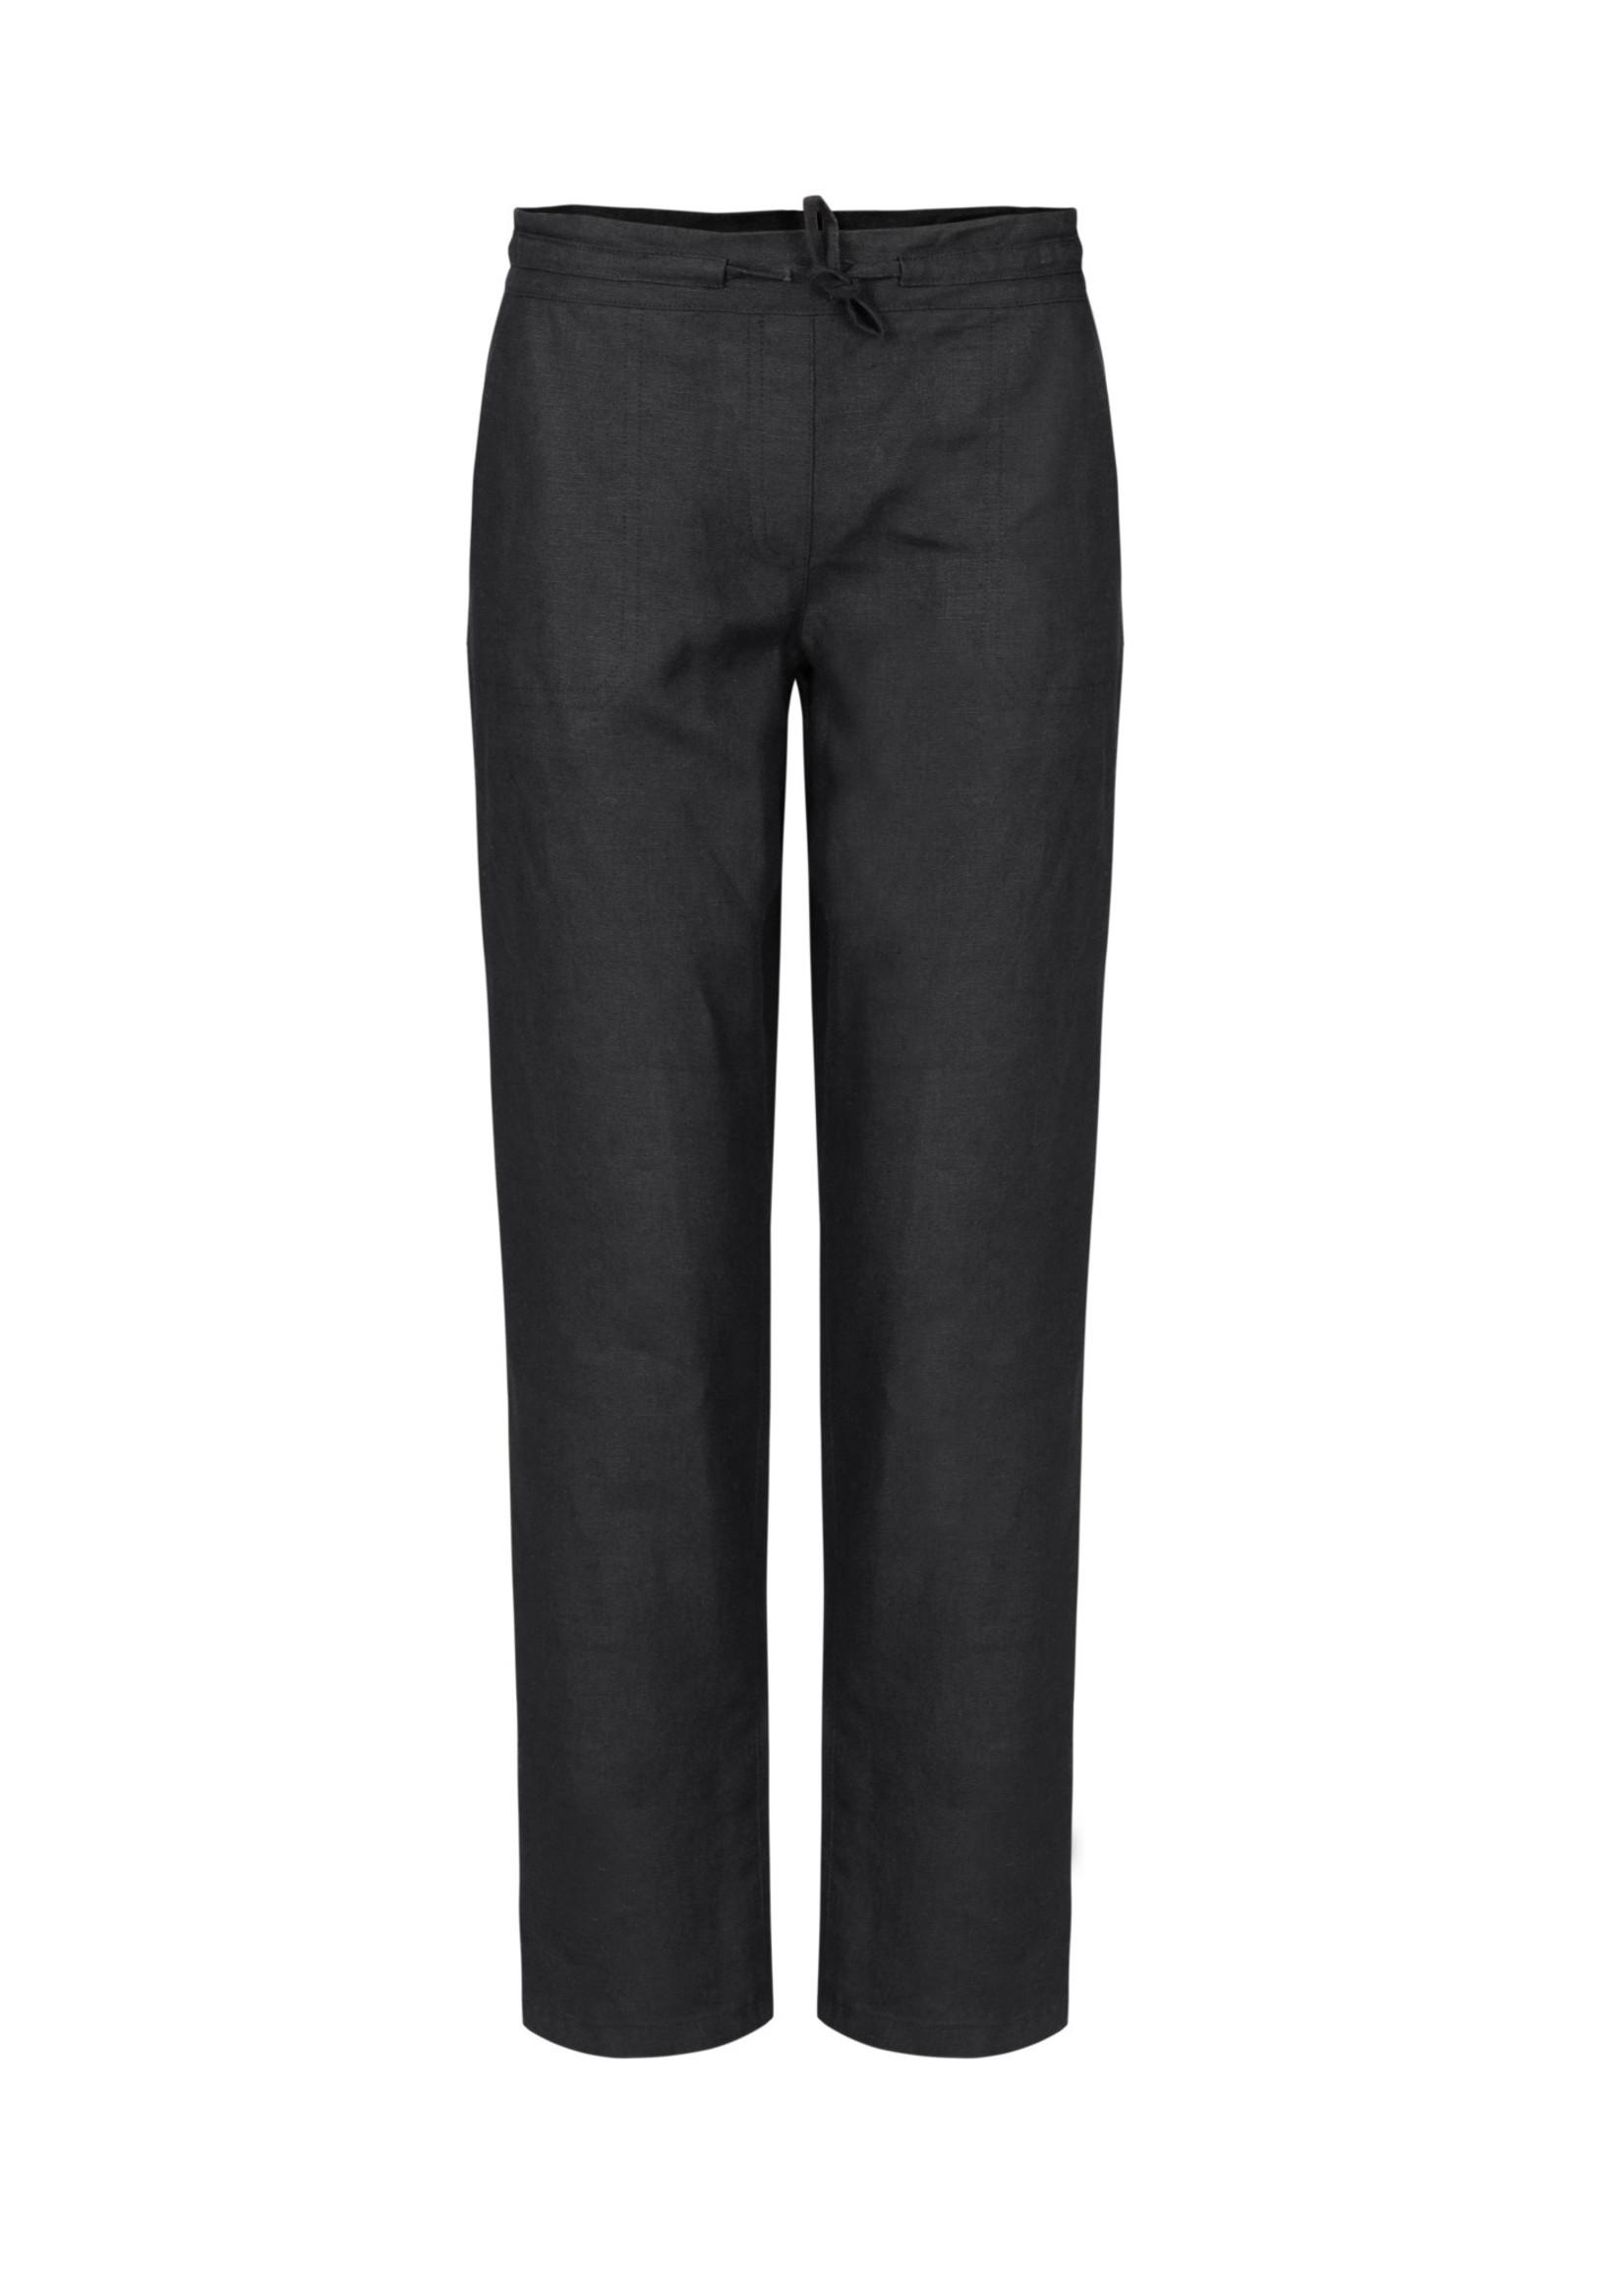 Dolcezza Black Woven Pants